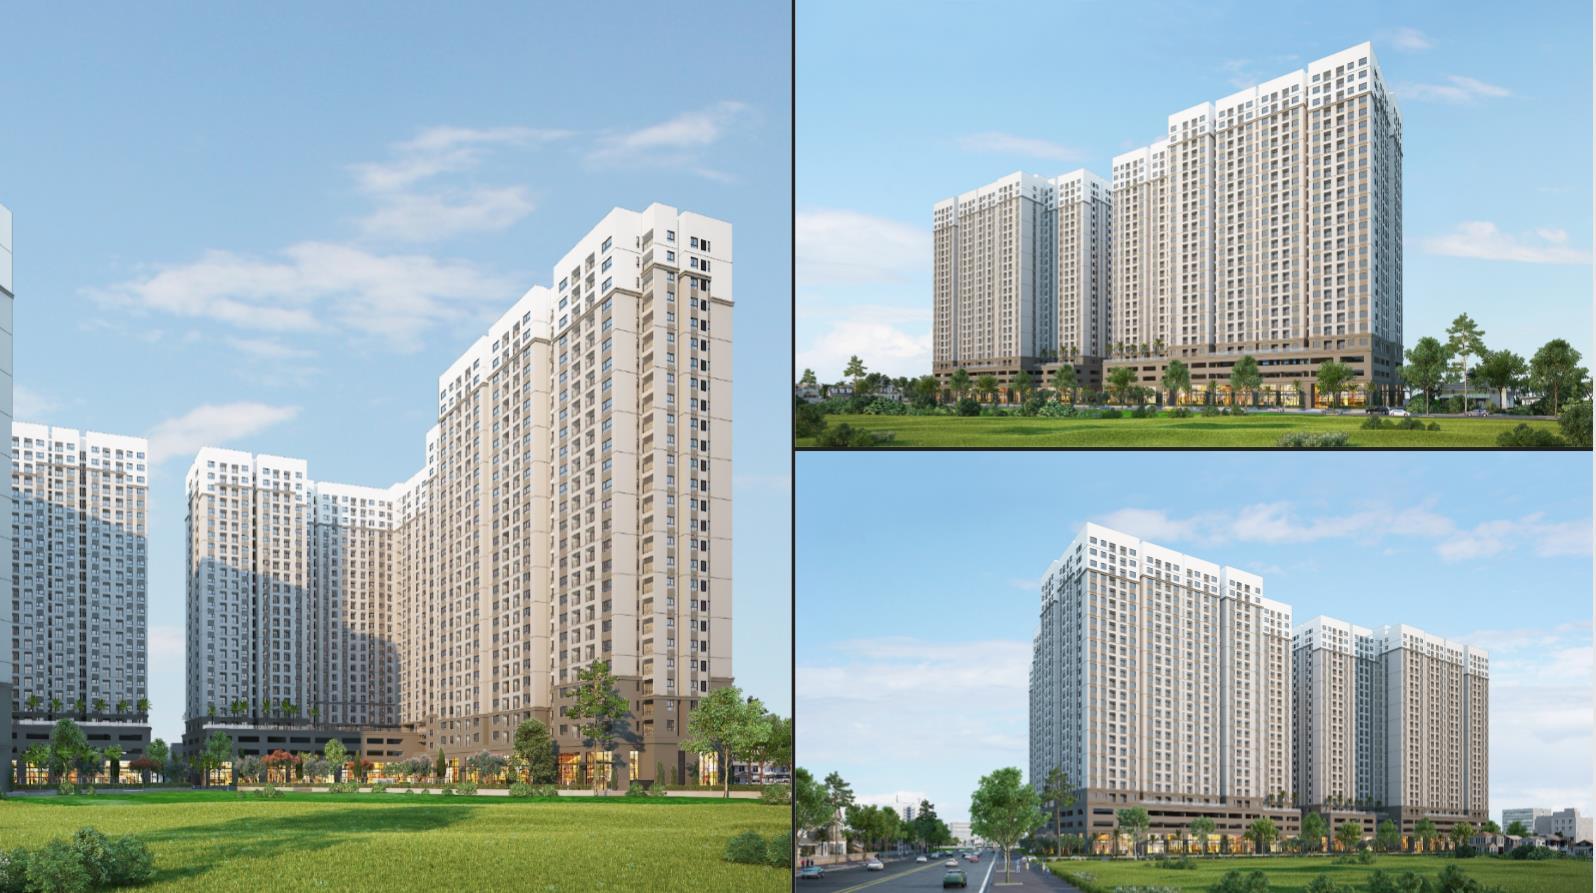 Trải nghiệm căn hộ Aio City Bình Tân hấp dẫn ngay từ cái nhìn đầu tiên 3